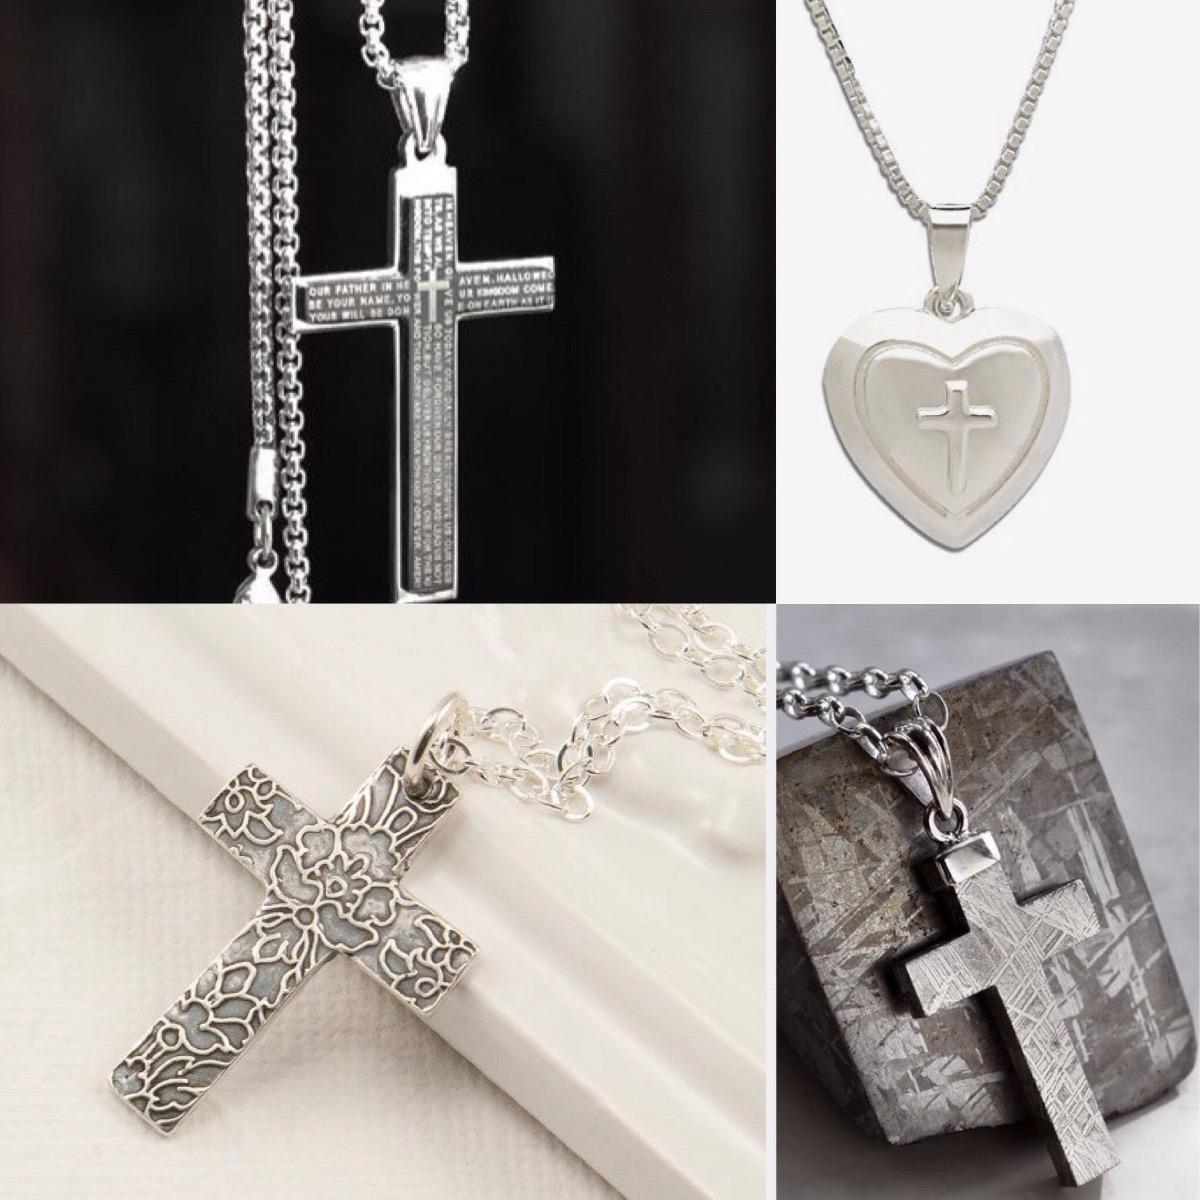 a09d2964fabb papa francisco collar de plata souvenir recuerdos catolicos. Cargando zoom.